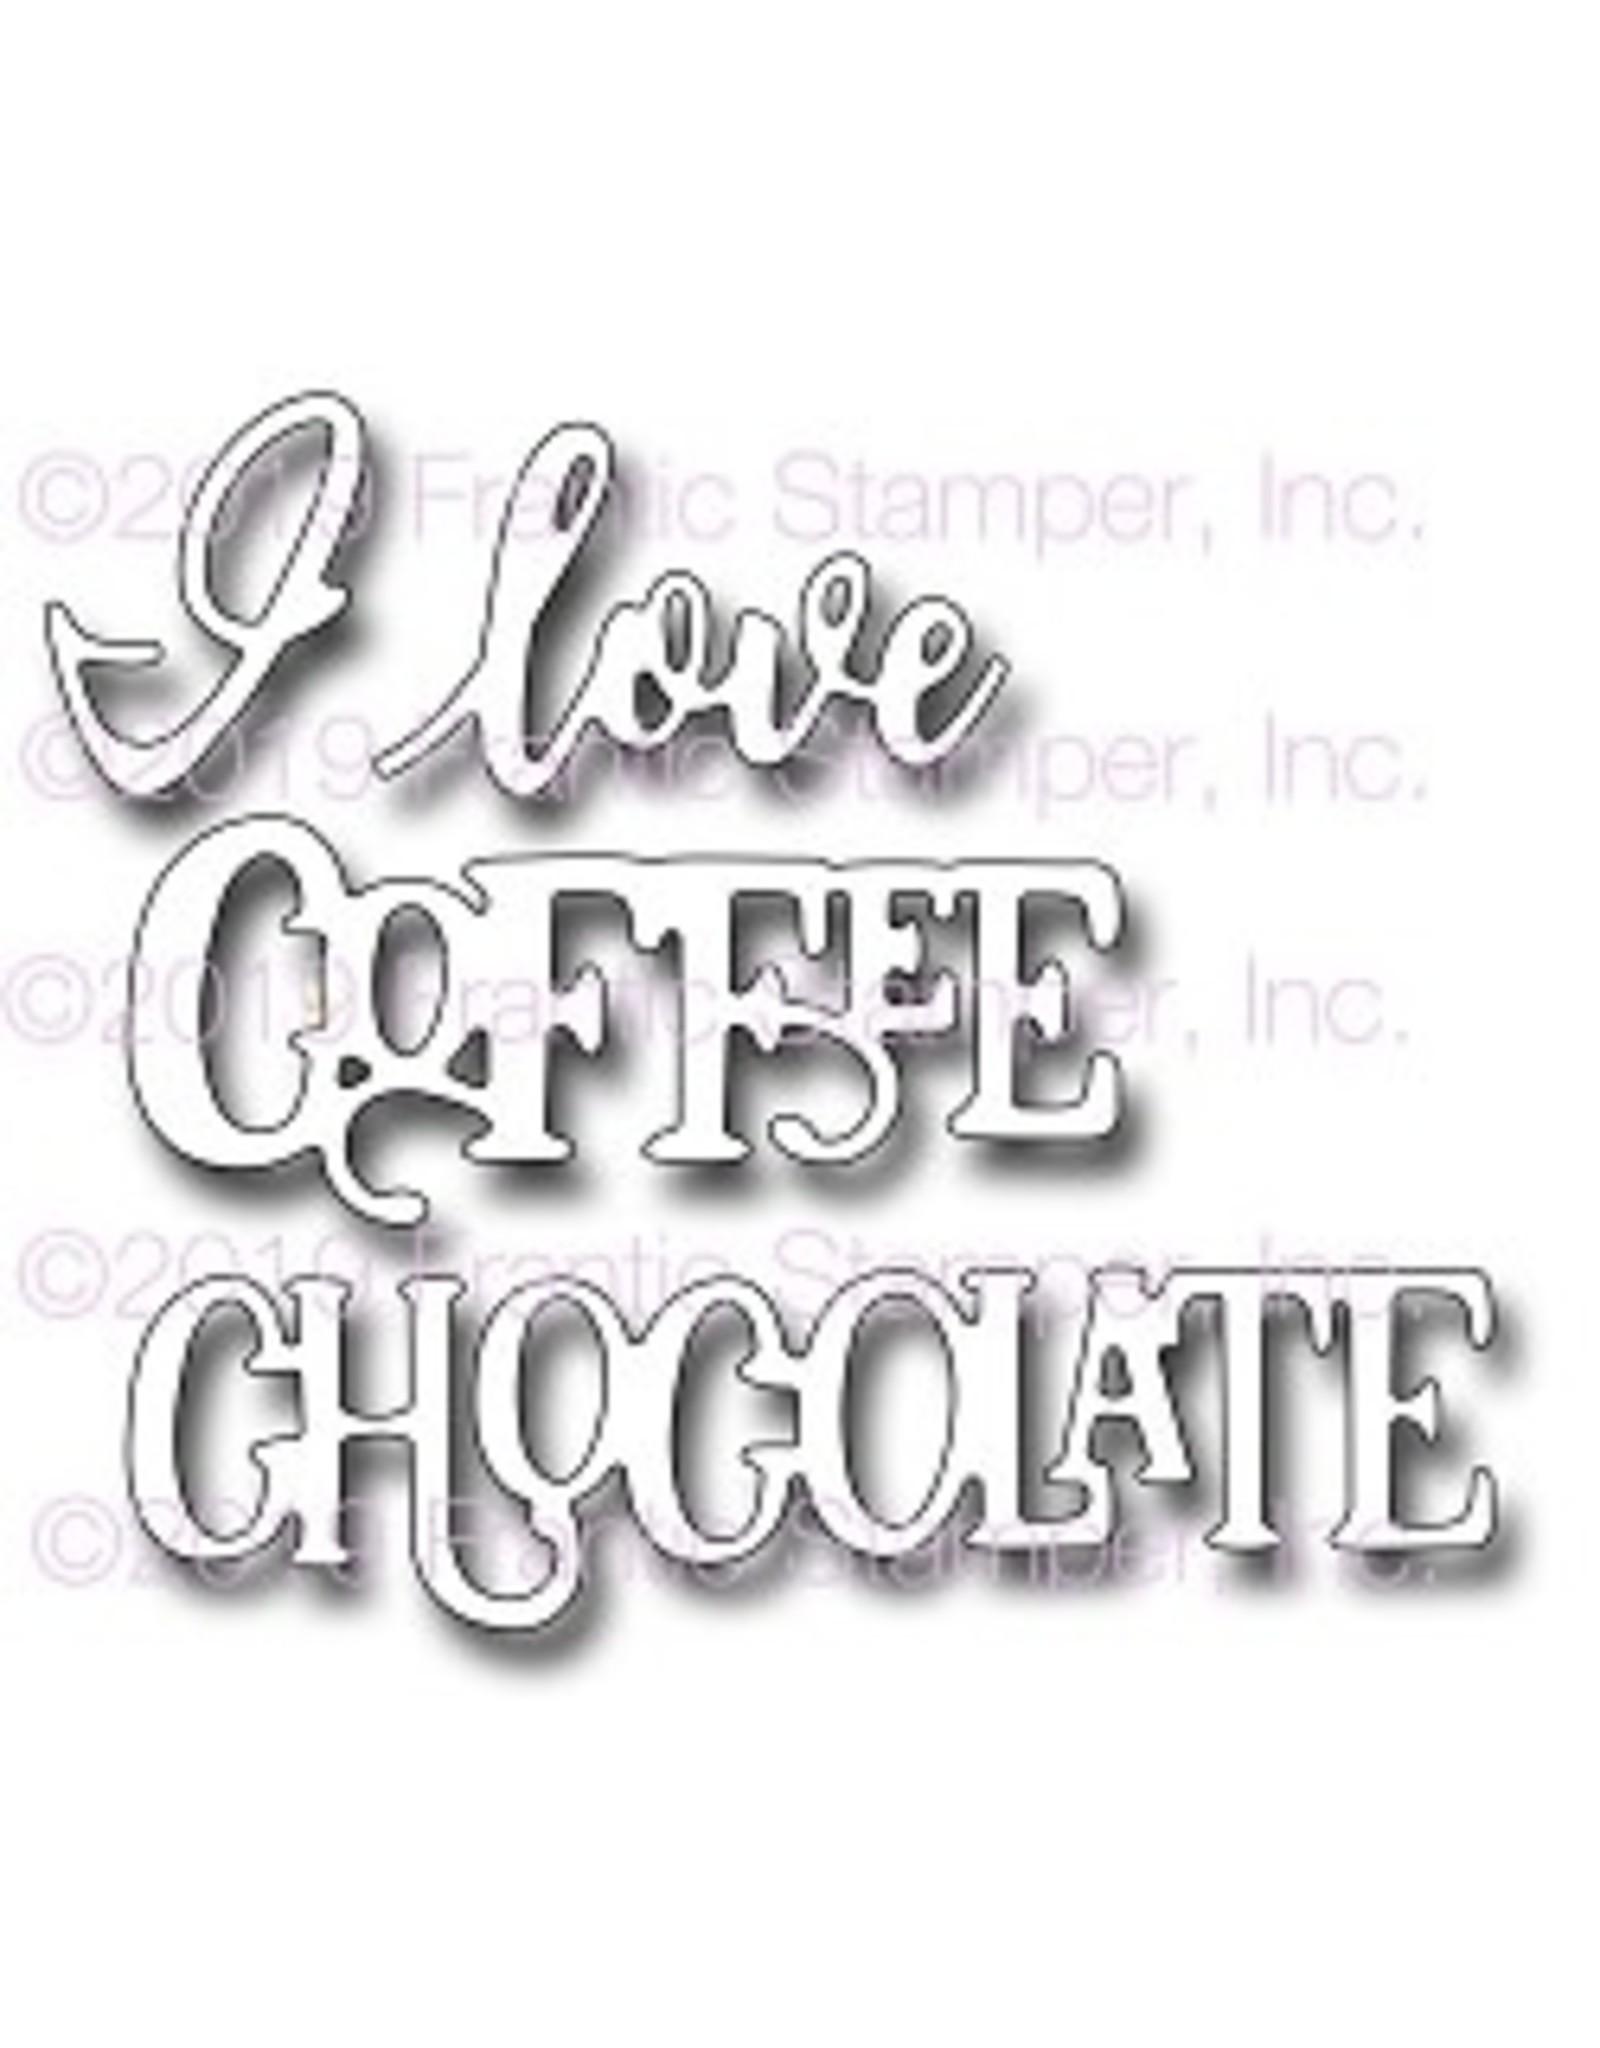 Frantic Stamper Inc I Love Coffee & Chocolate - Die